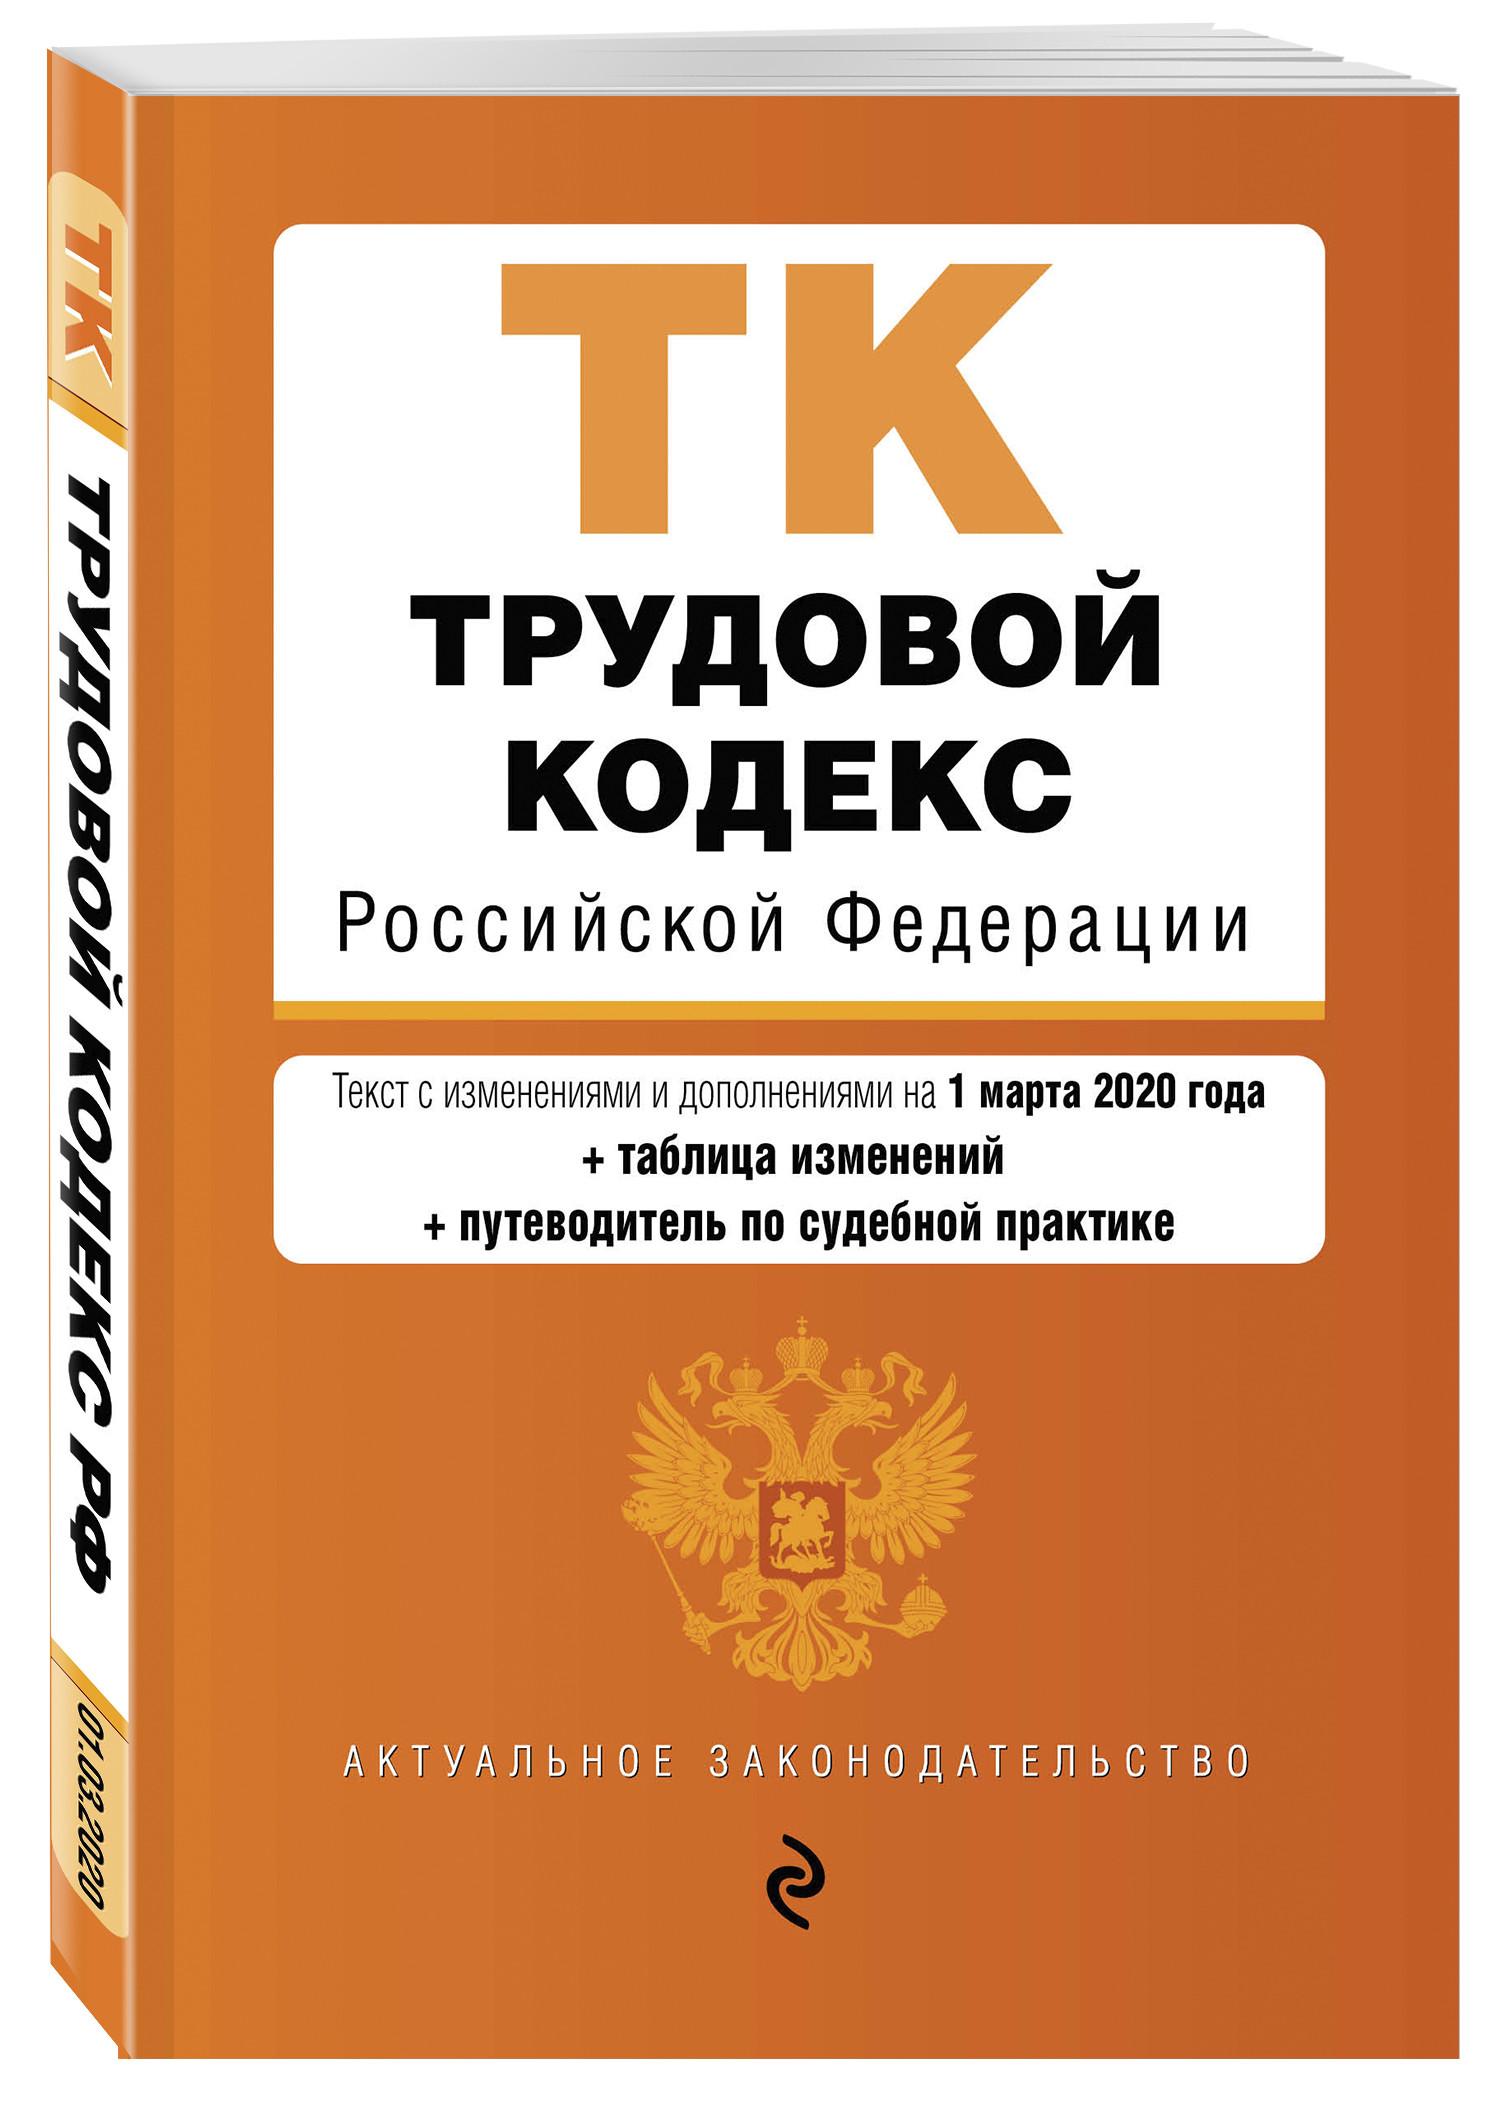 Гражданский кодекс российской федерации — википедия. что такое гражданский кодекс российской федерации